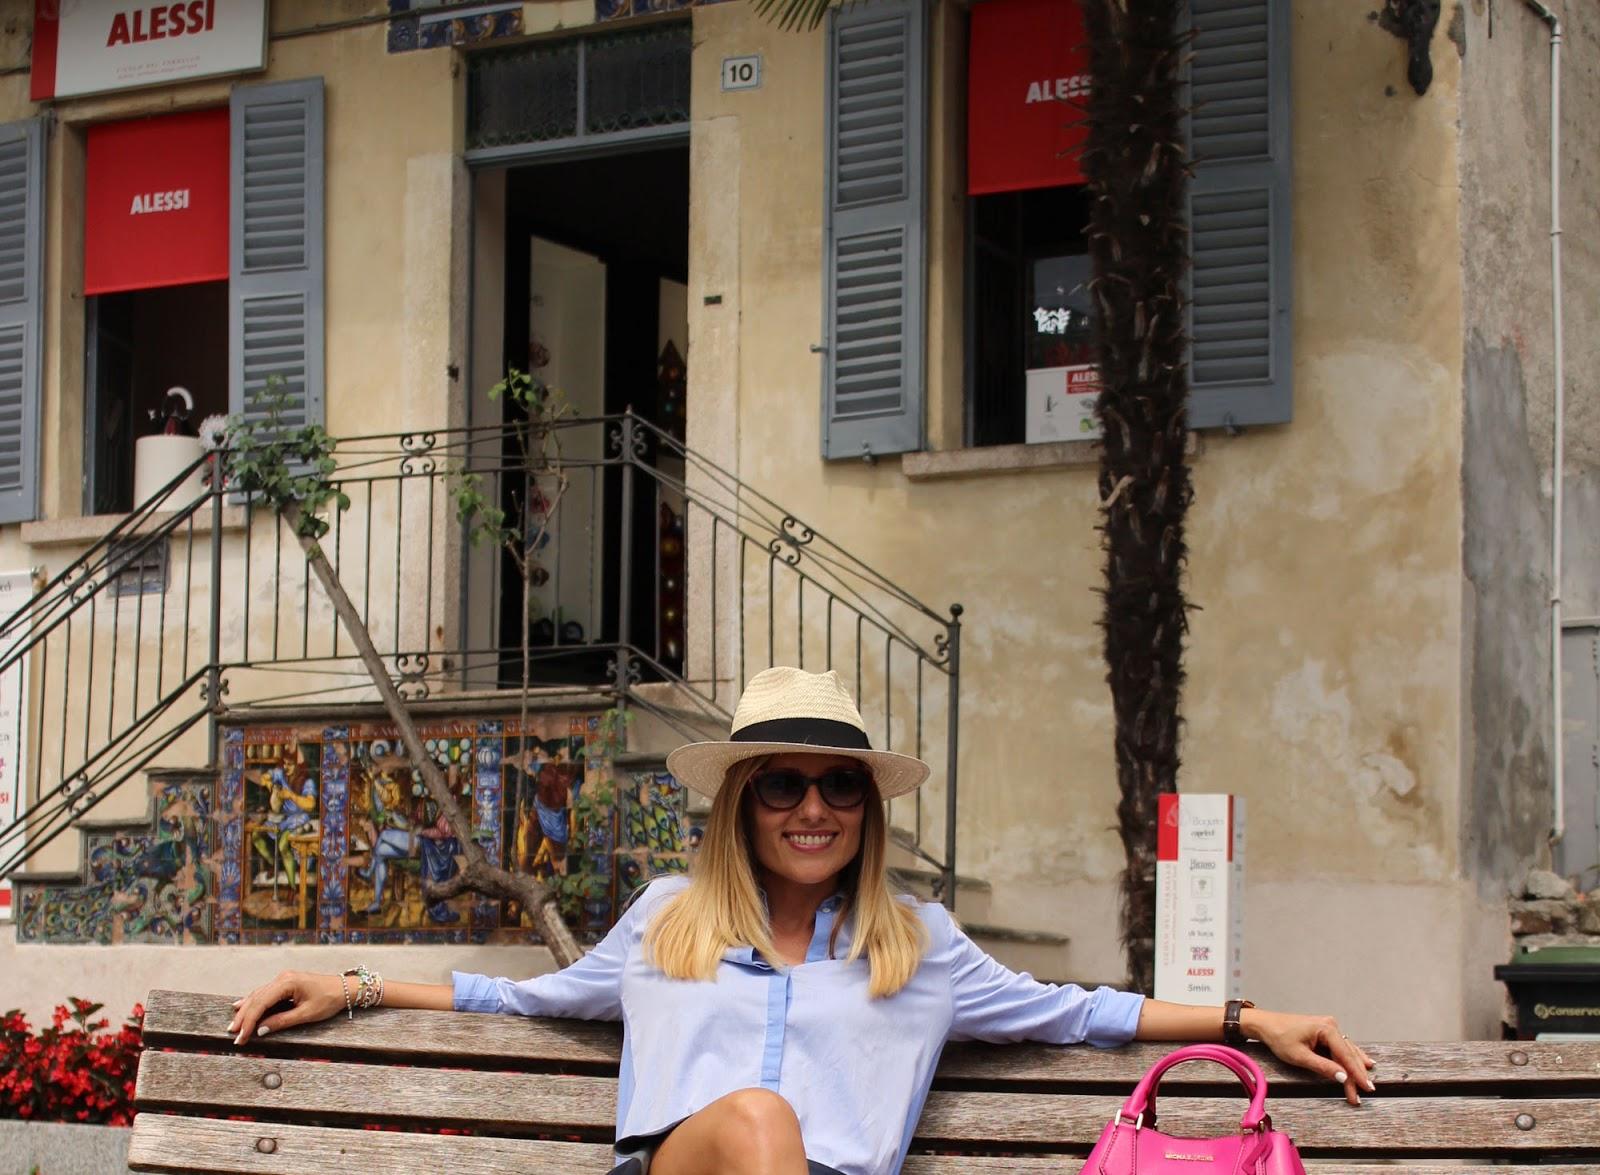 Eniwhere Fashion - Vicolo del Fornello - Isola Bella - Alessi